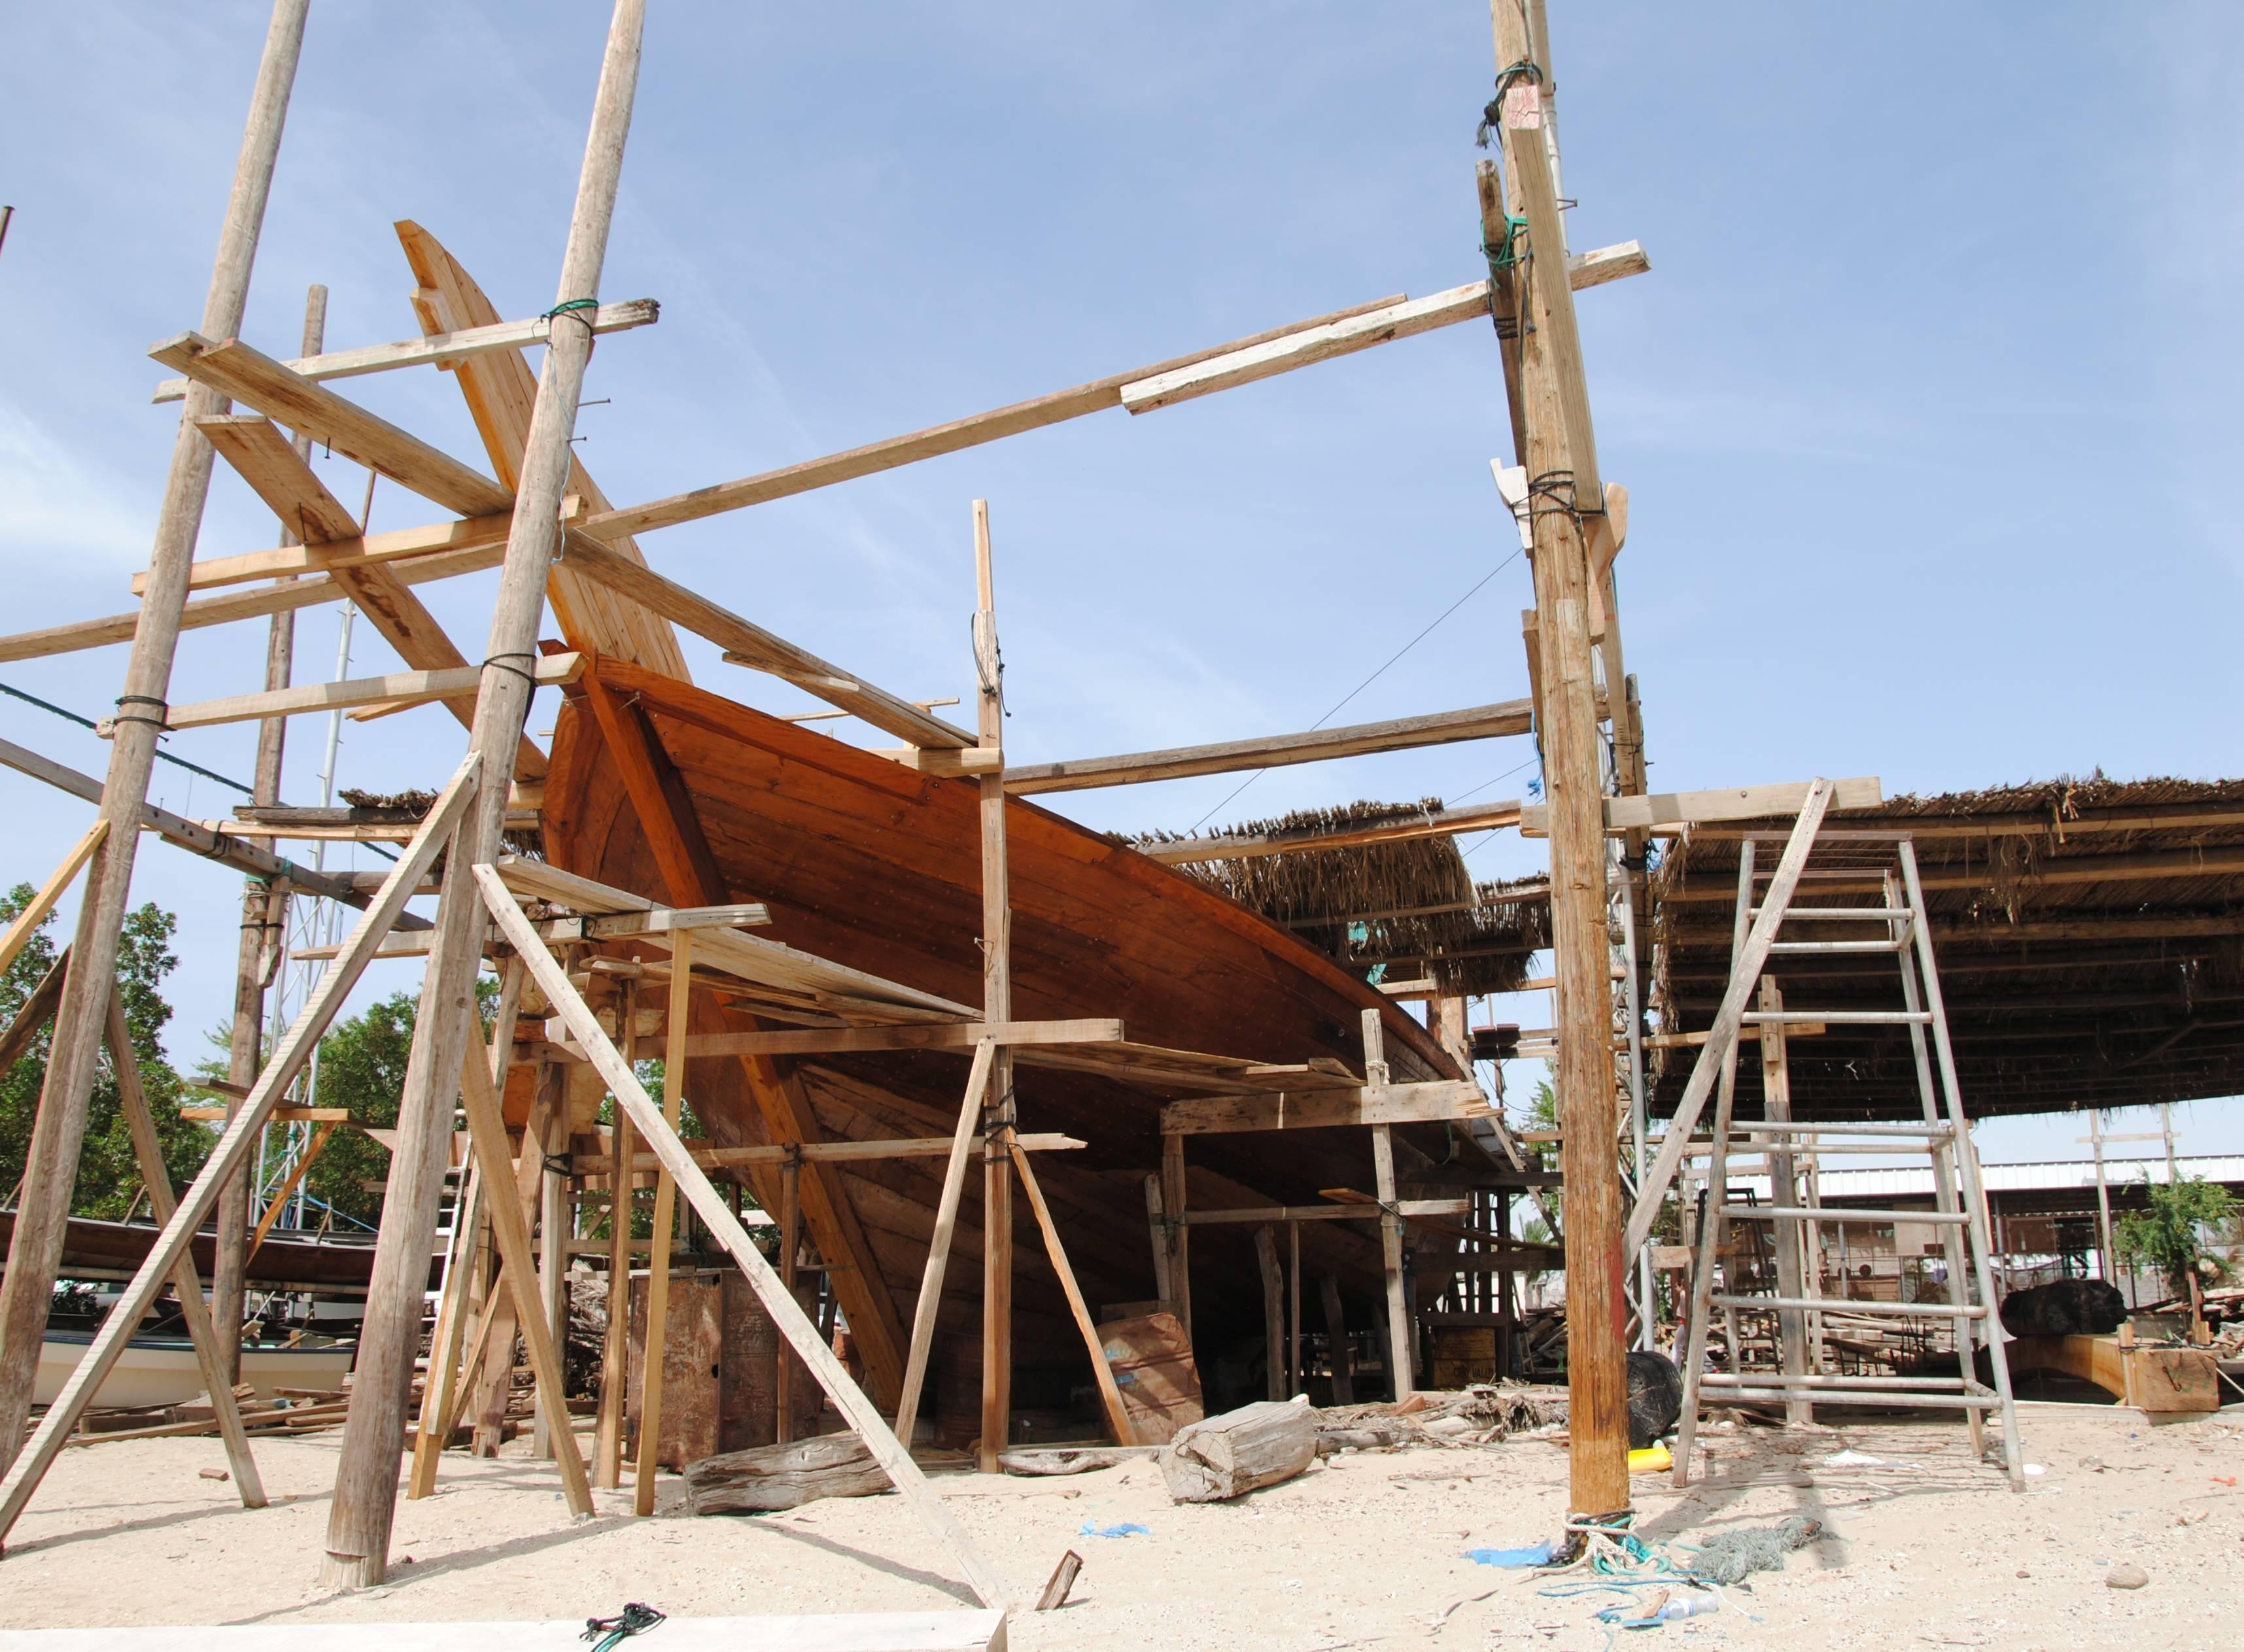 Dhau-Werft mit einem eingerüsteten Holzschiff